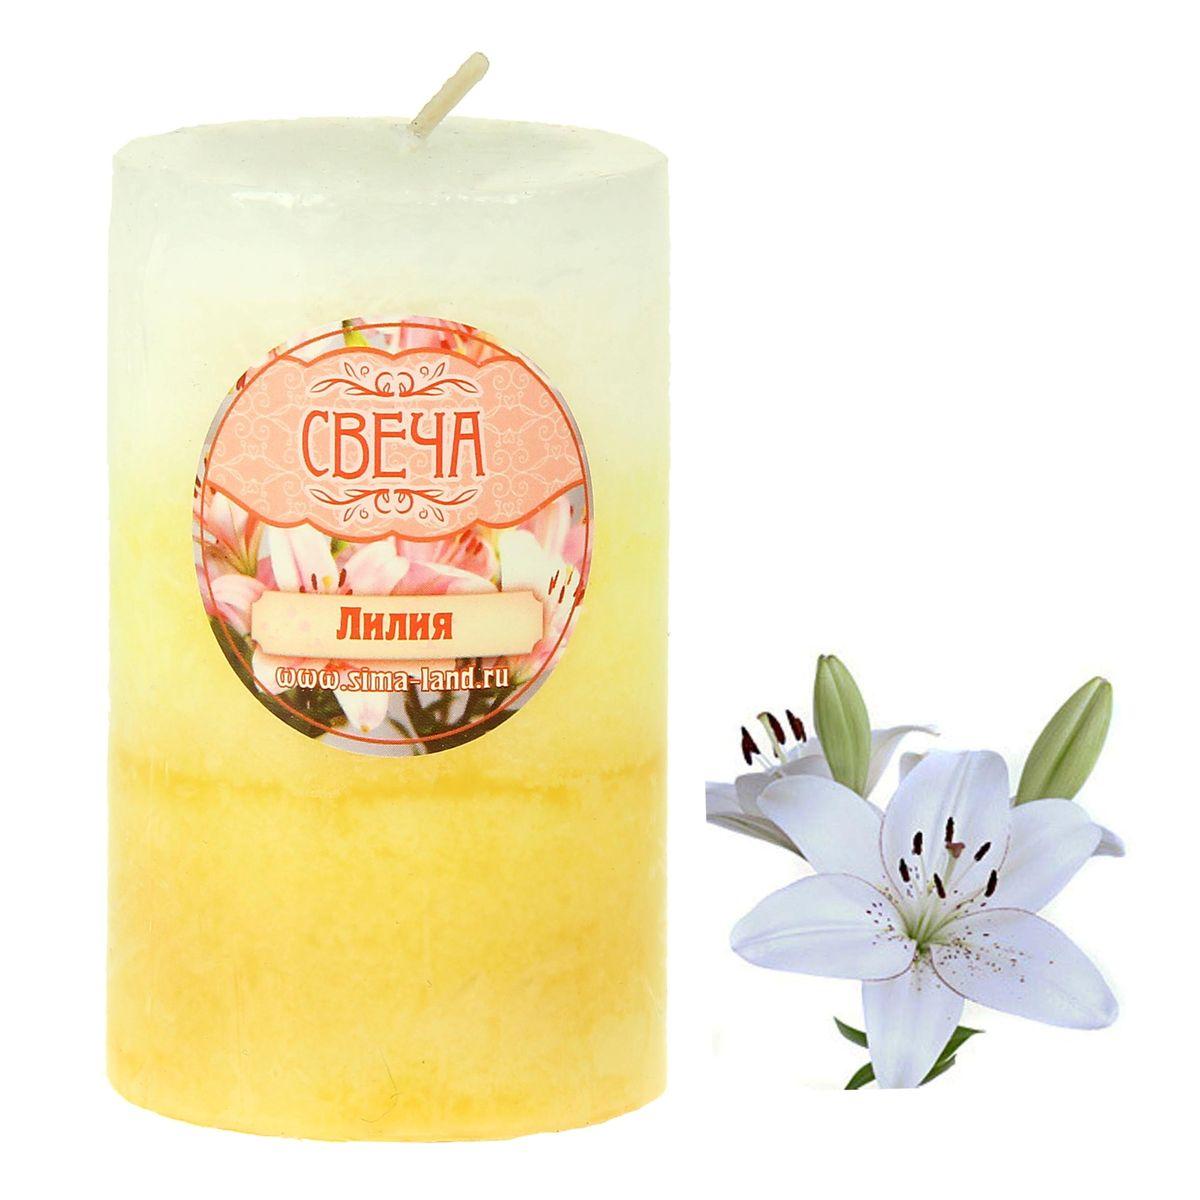 Свеча ароматизированная Sima-land Лилия, высота 7,5 см свеча ароматизированная sima land лимон на подставке высота 6 см